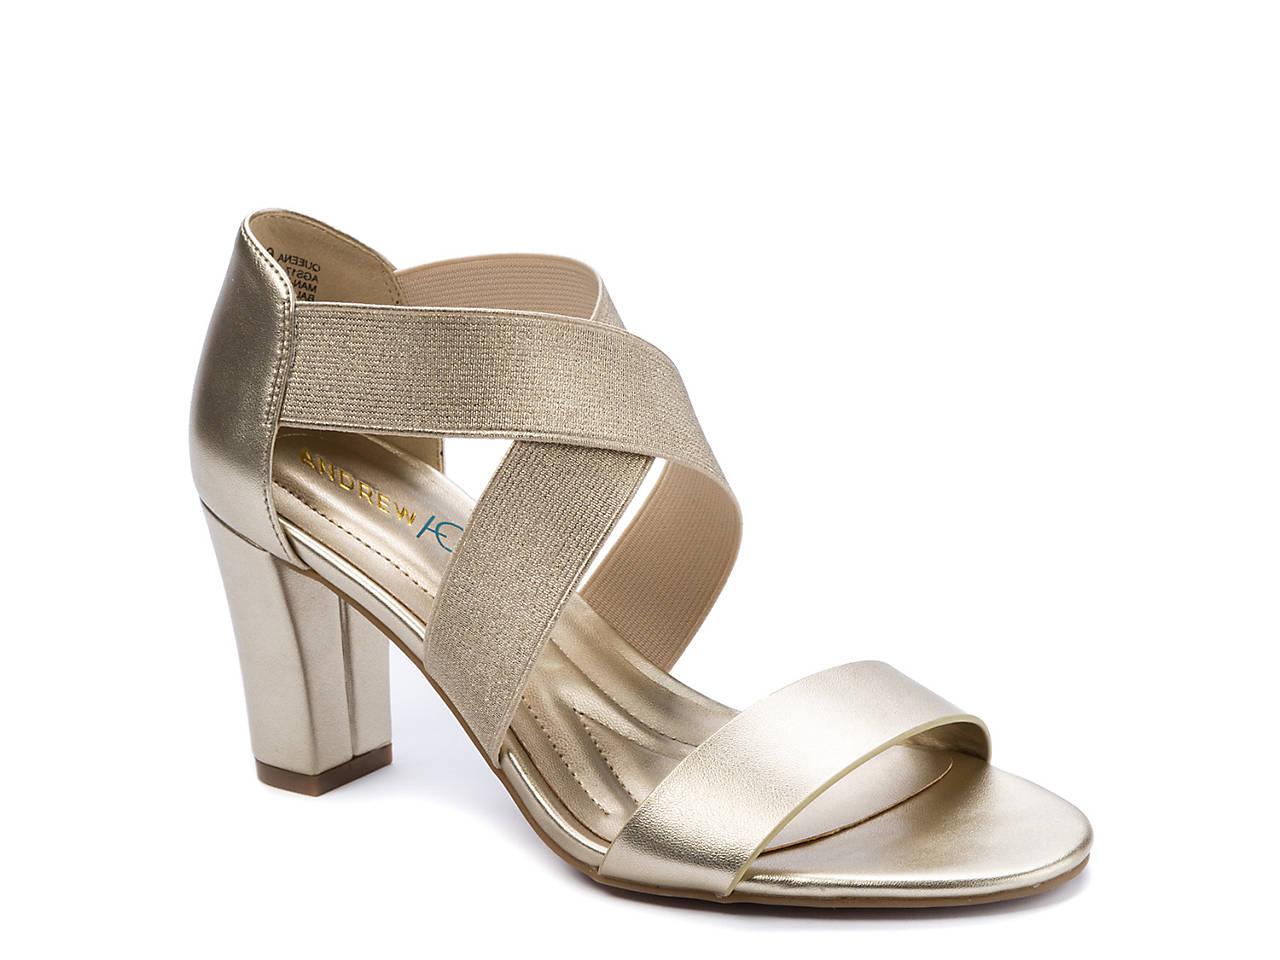 7c013526c82 Andrew Geller Queena Sandal Women s Shoes